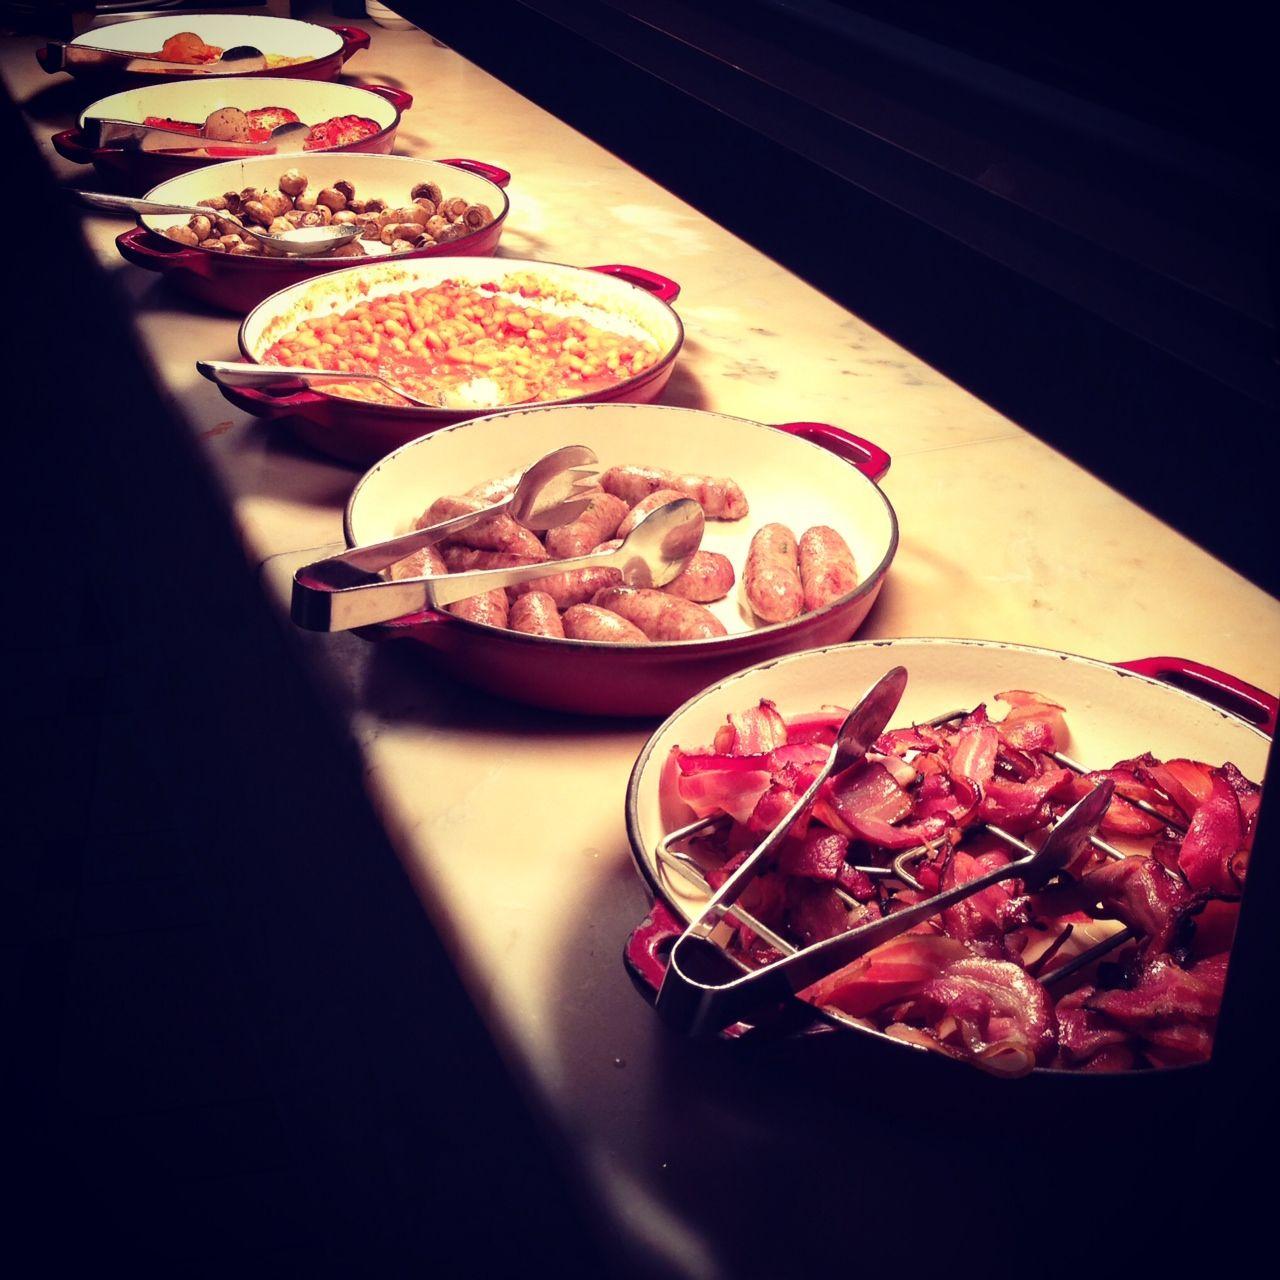 Hot Breakfast Buffet, Eggs, Bacon, Sausages, Hash Browns - Park Hyatt  Melbourne - Hot Breakfast Buffet, Eggs, Bacon, Sausages, Hash Browns - Park